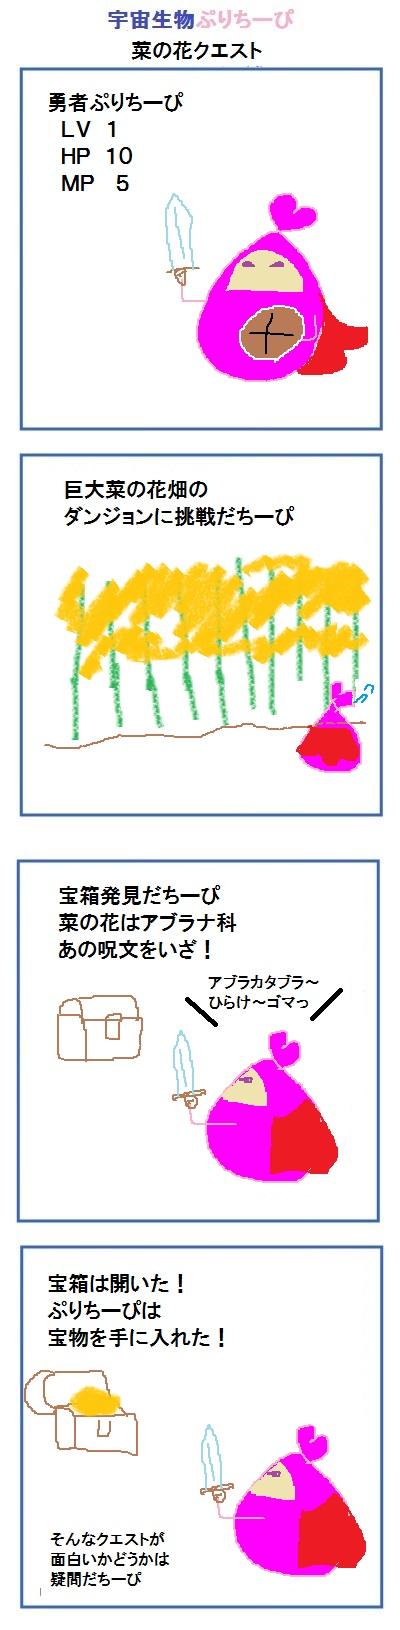 160314菜の花クエスト